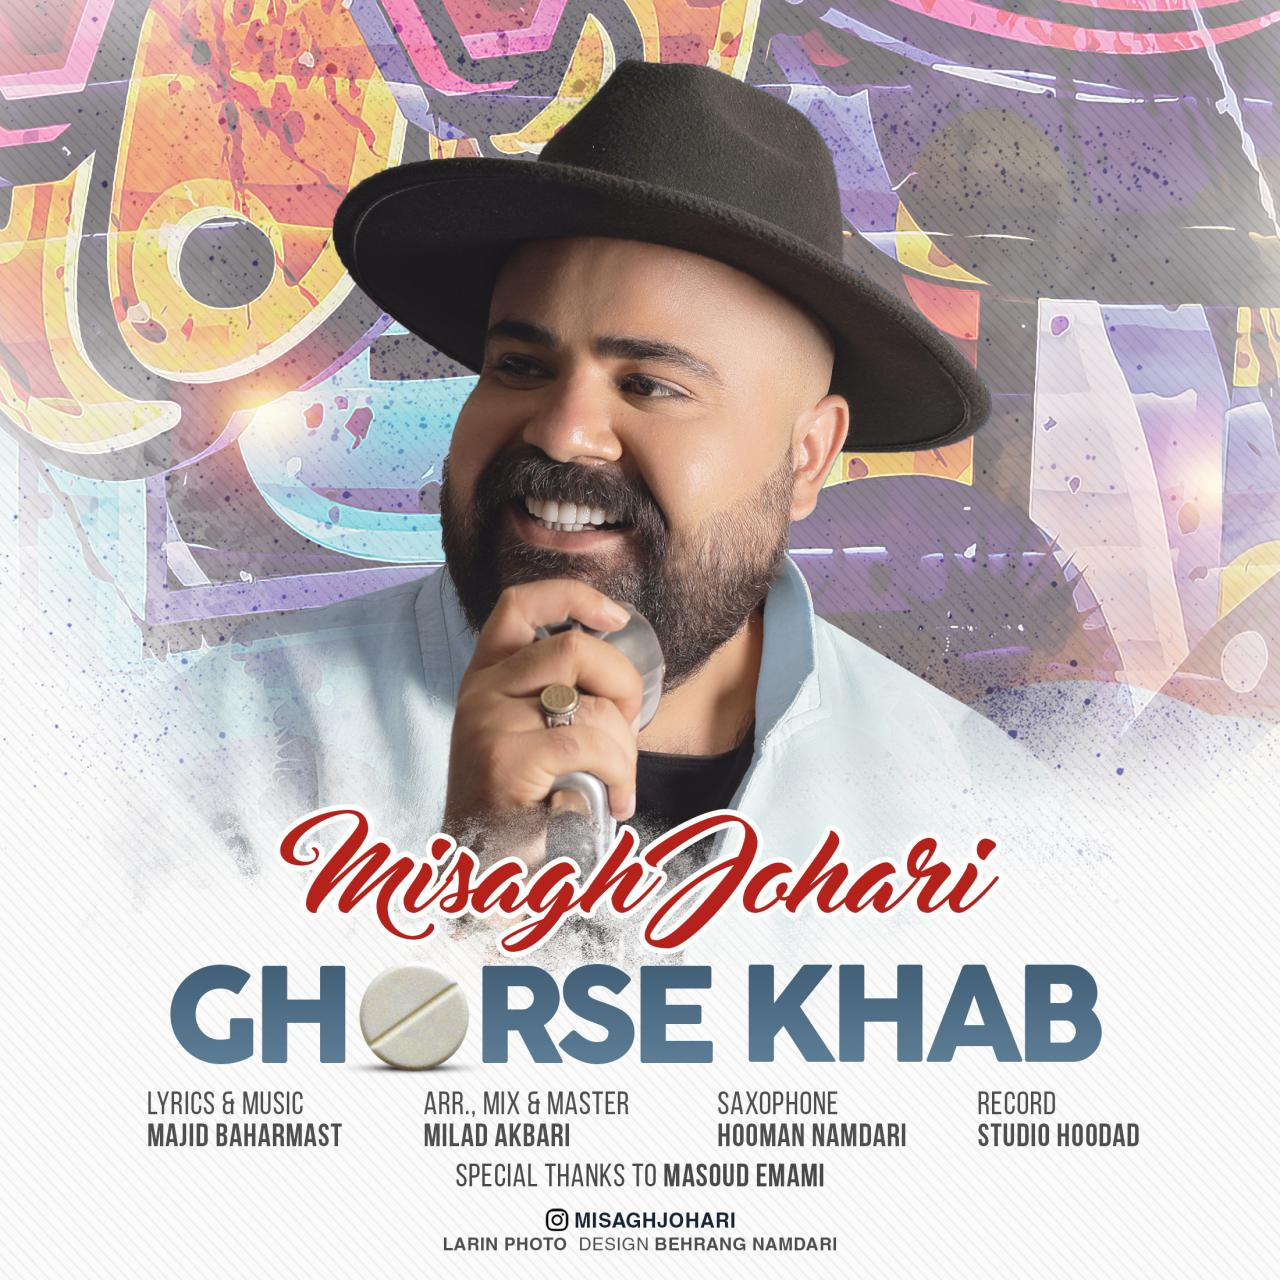 Misagh Johari – Ghorse Khab